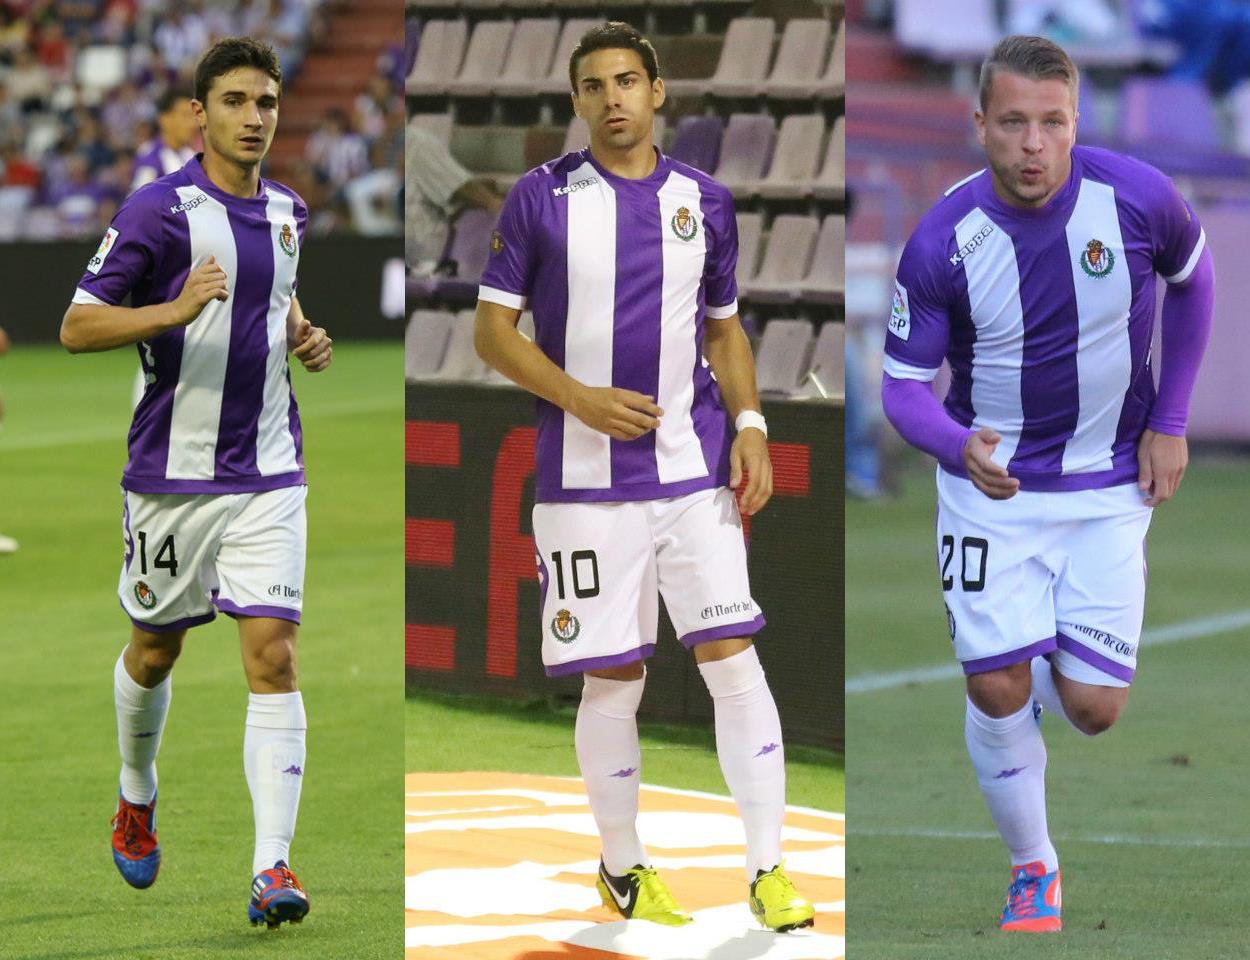 Omar, Óscar y ebert en diferentes partidos de la temporada pasada (RealValladolid.es)